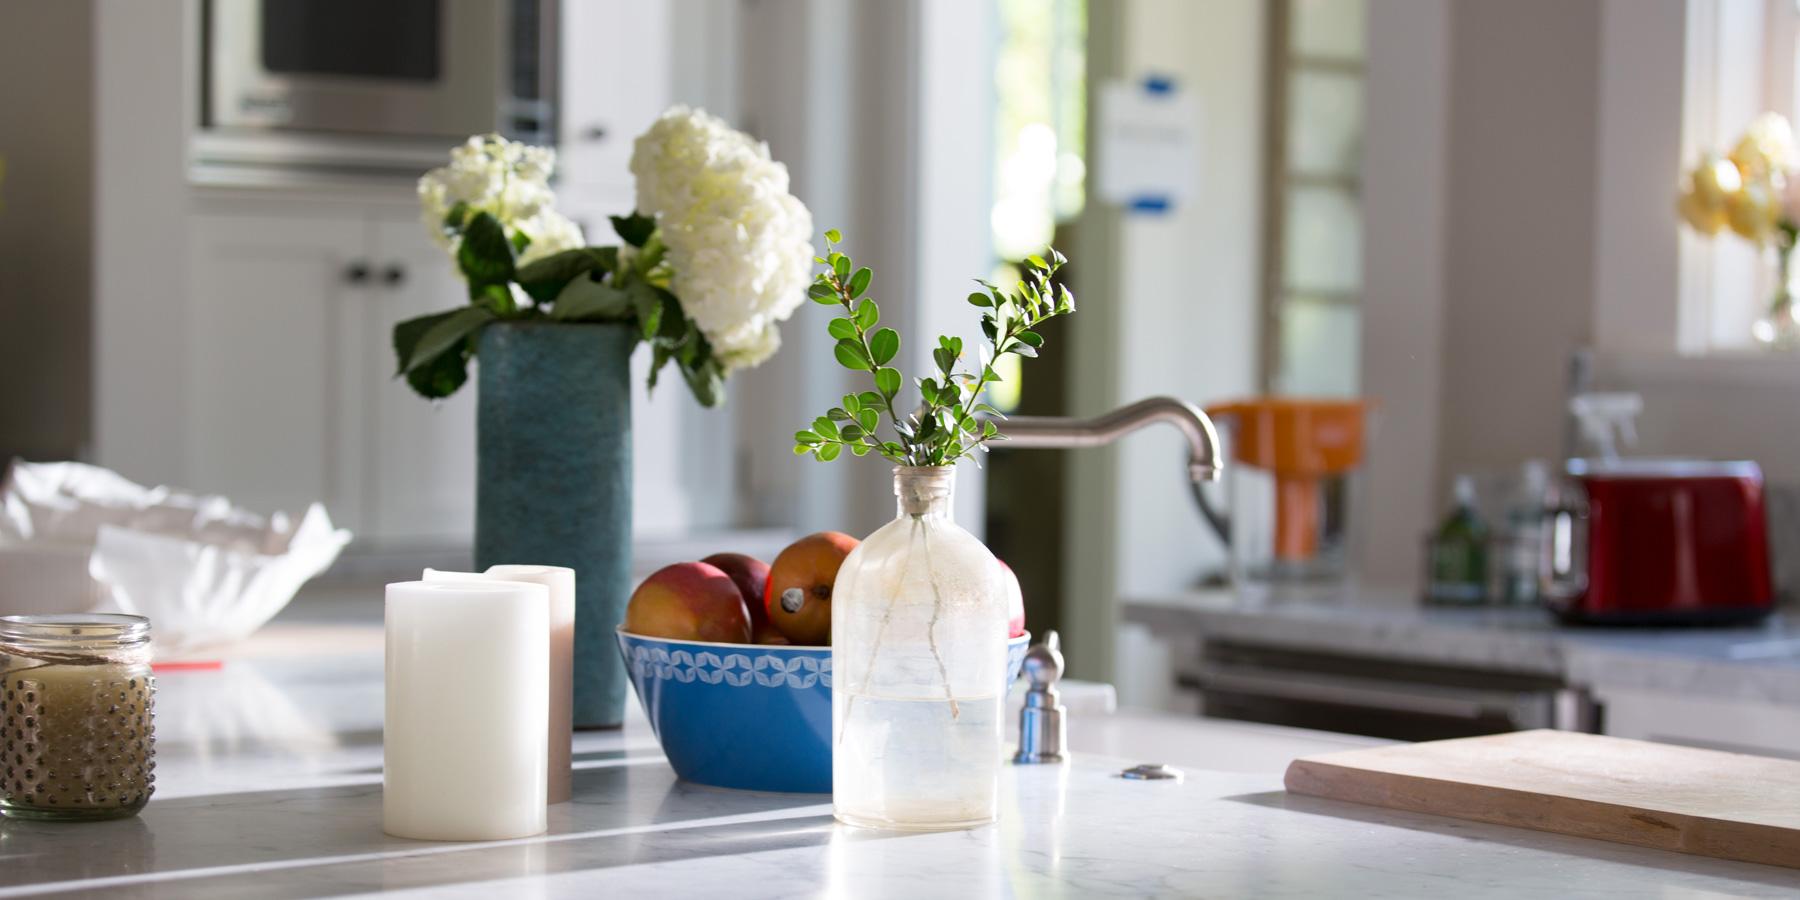 Contemporary home photo